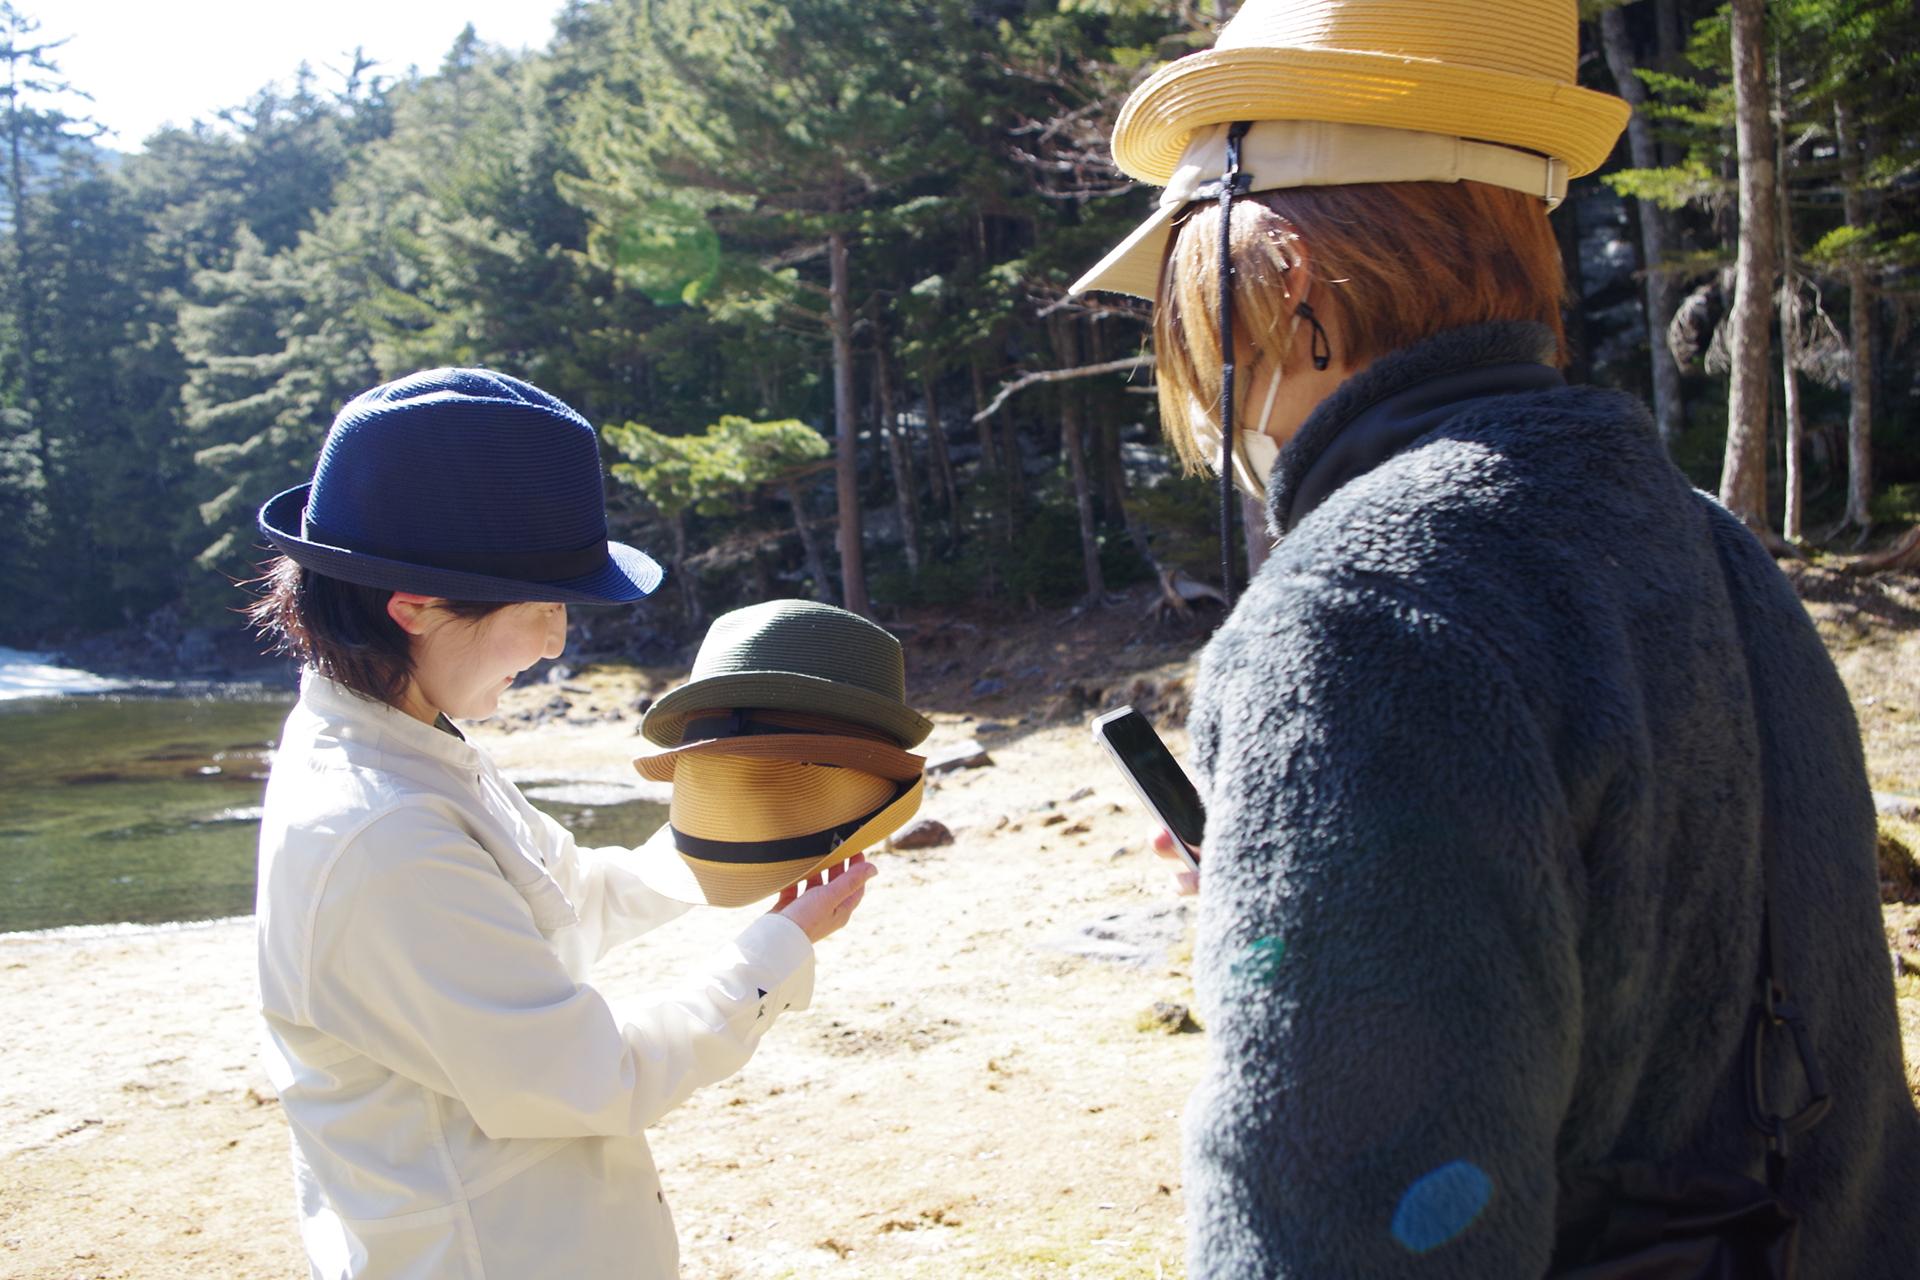 06 山を愛するマンガ家・鈴木ともこさんと行く!北八ヶ岳・しらびそ小屋〜コロナ禍で再発見した魅力とは〜